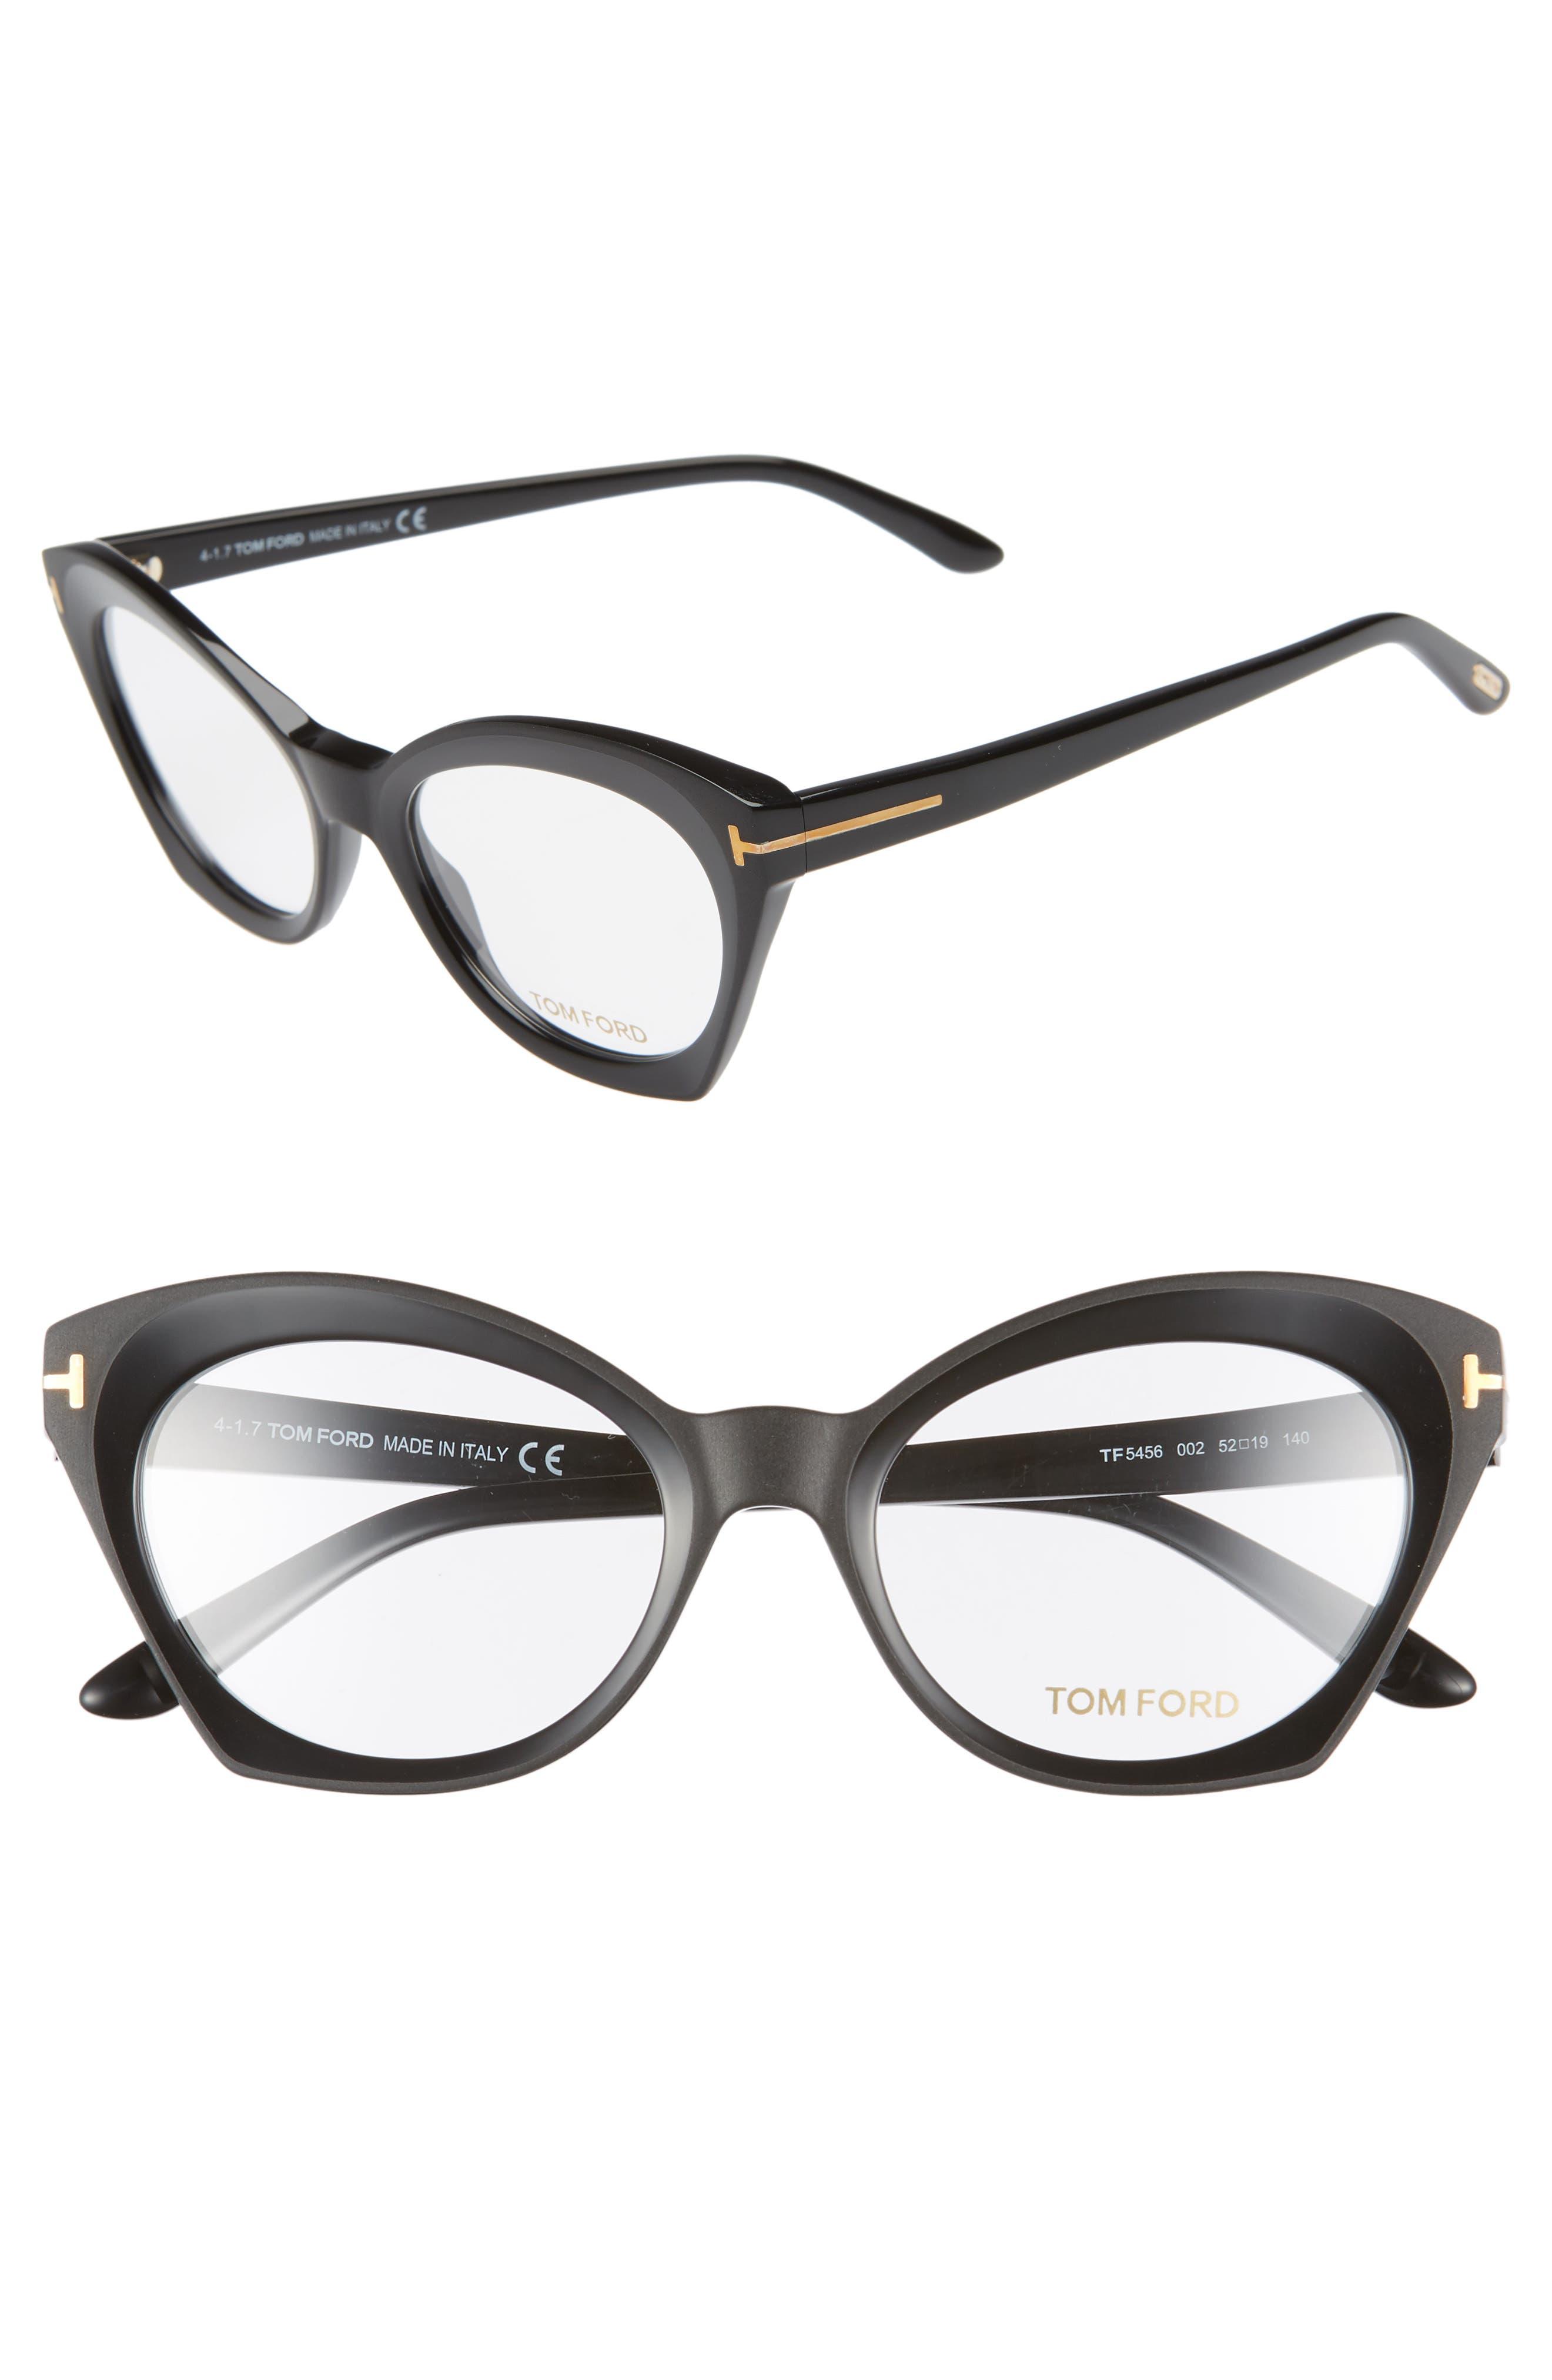 52mm Optical Glasses,                             Main thumbnail 1, color,                             SHINY BLACK/ SHINY ROSE GOLD